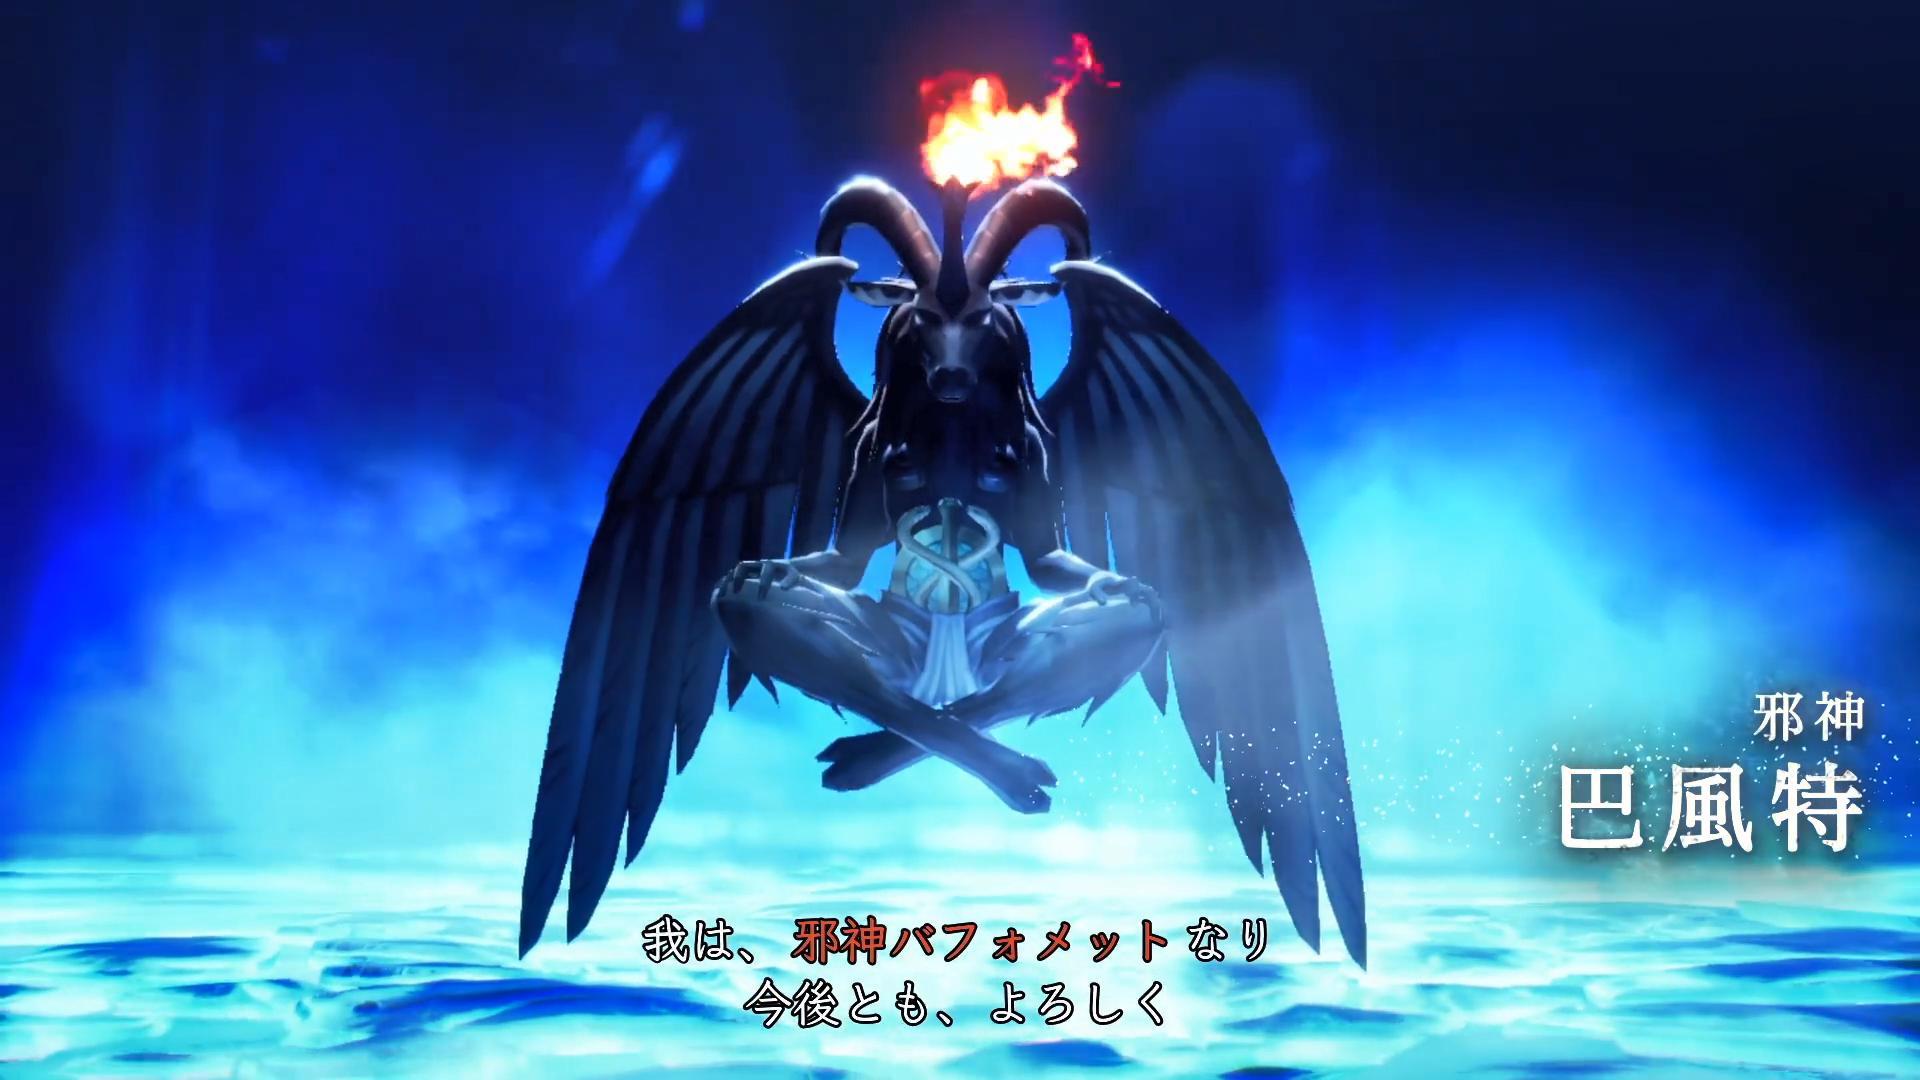 《真女神转生5》恶魔介绍:羊头恶魔巴风特插图3